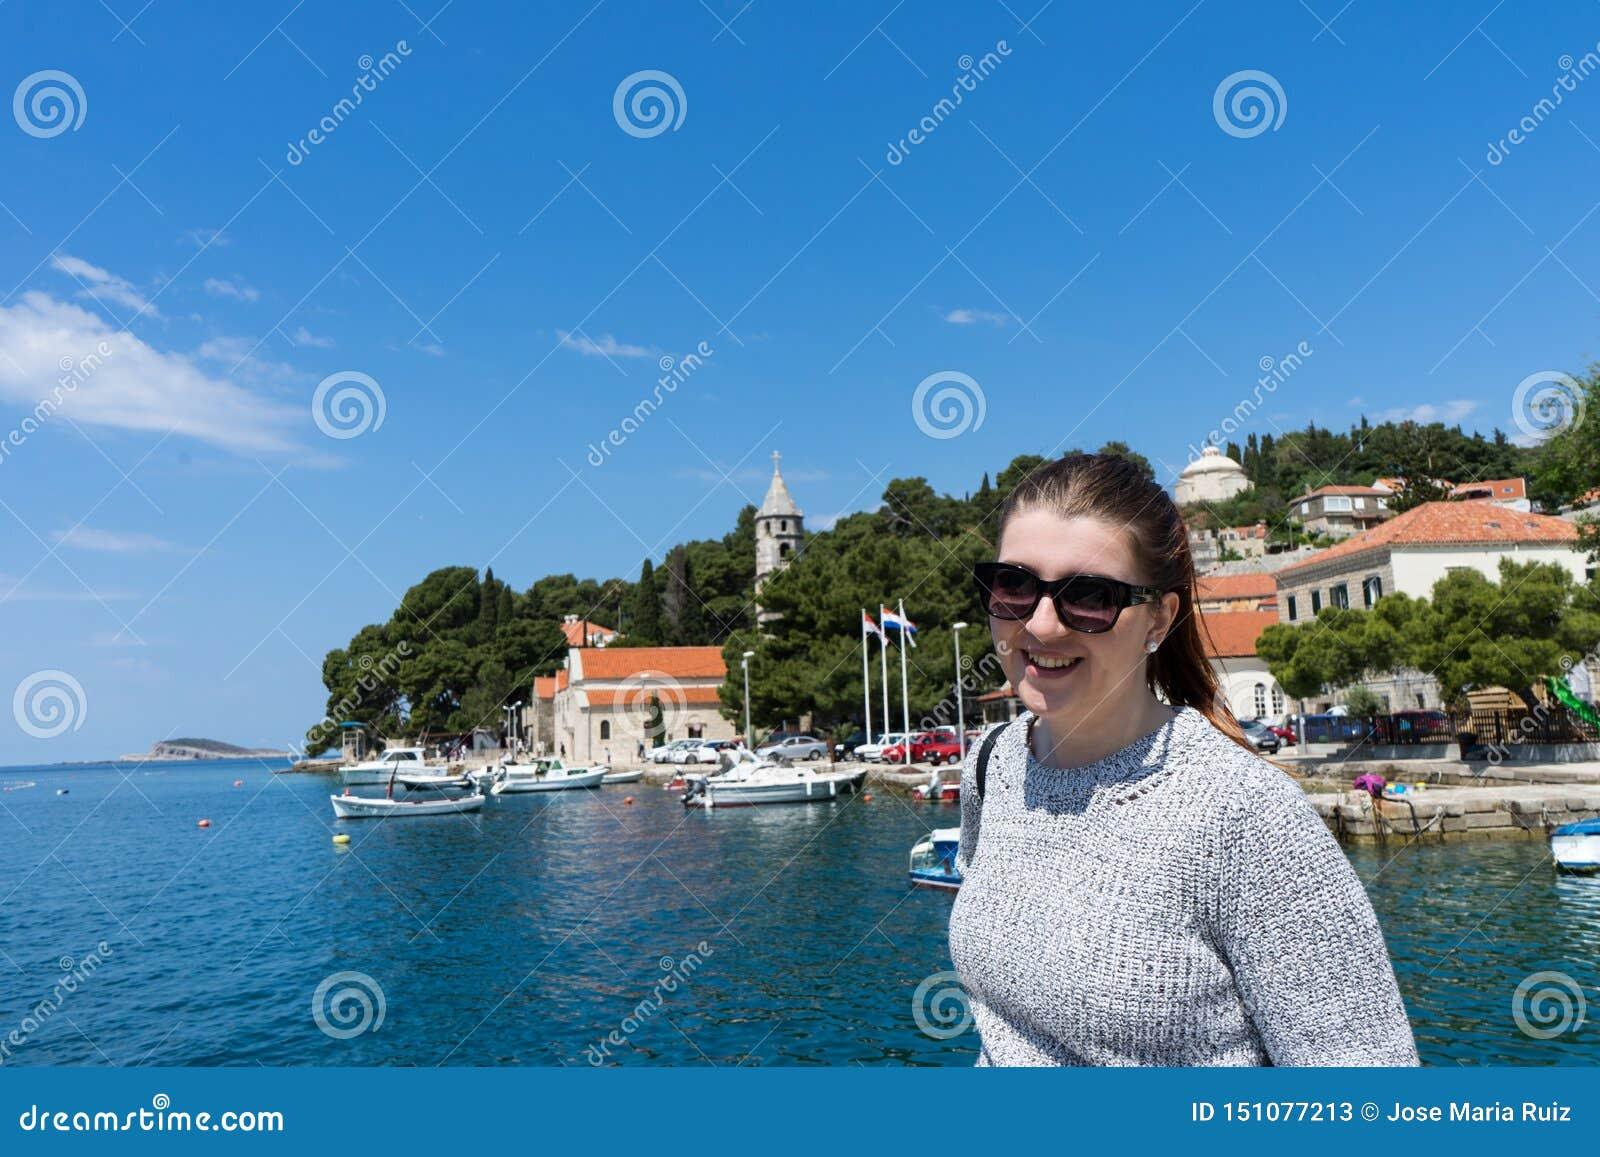 Vrouw met zonnebrilreiziger in jachtenhaven dichtbij oude stad Concept studentenreis, de zomervakantie, solo vrouwelijk toerisme,